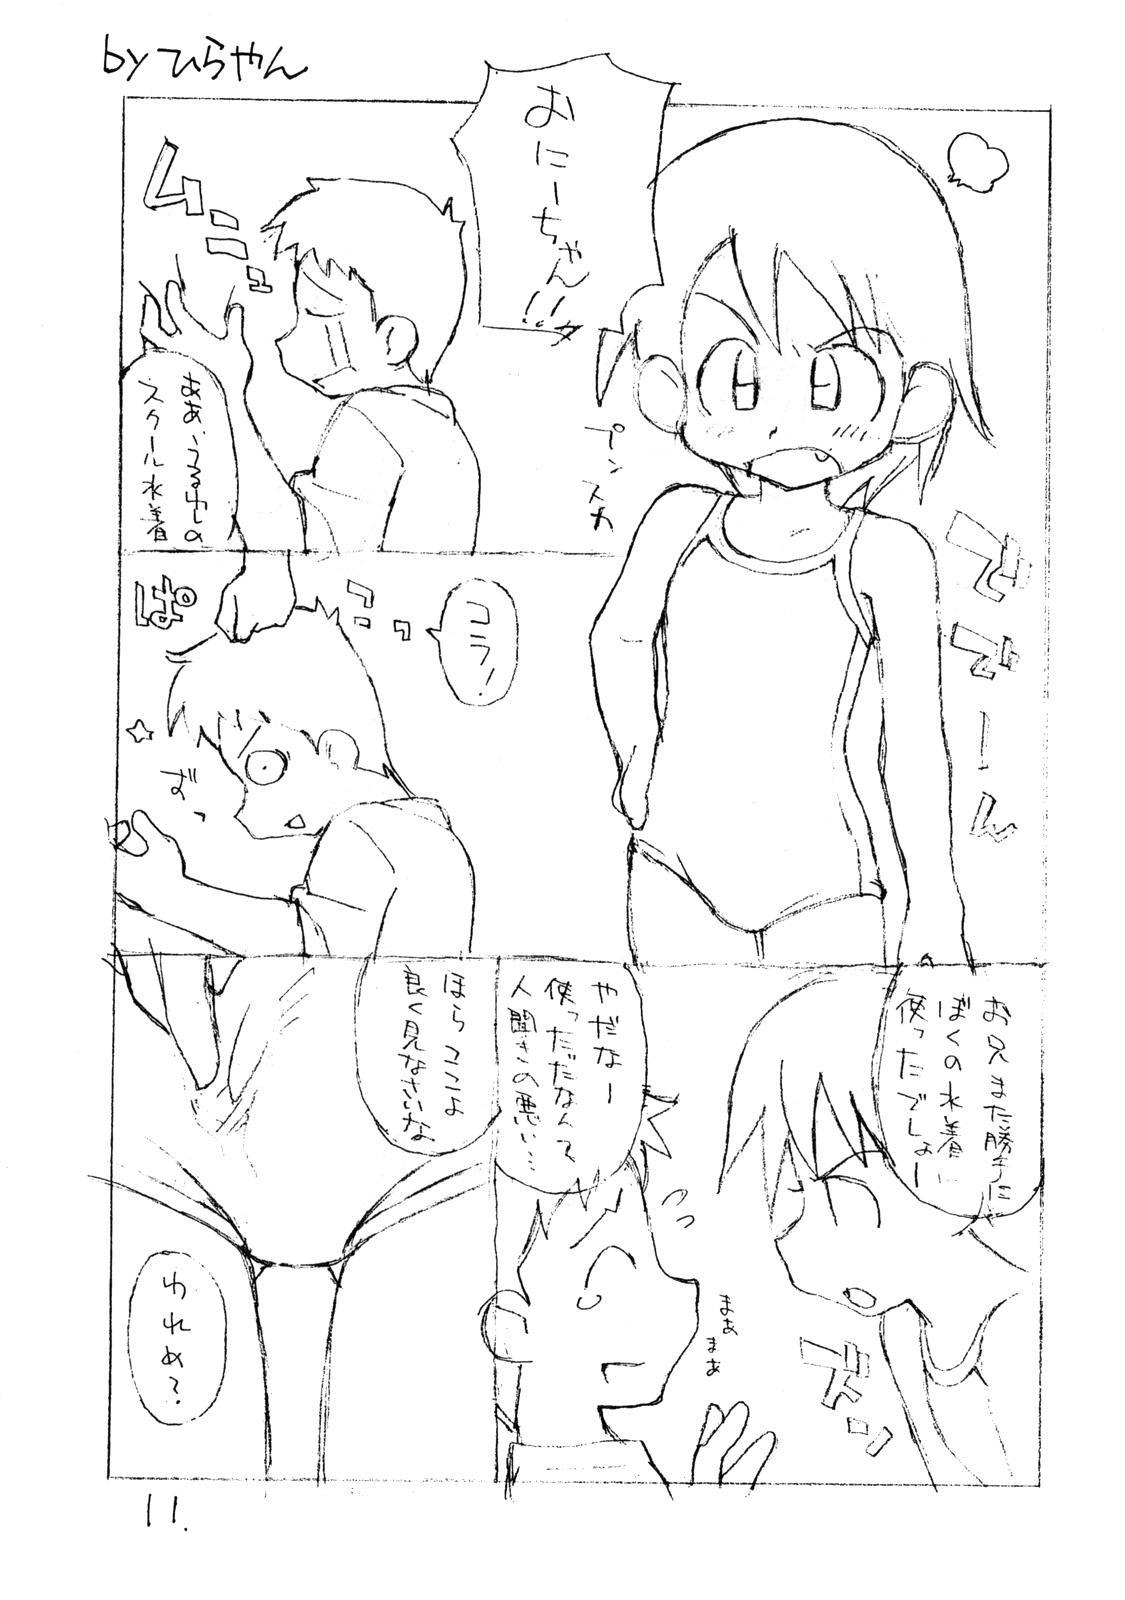 Okosama One-touch 9